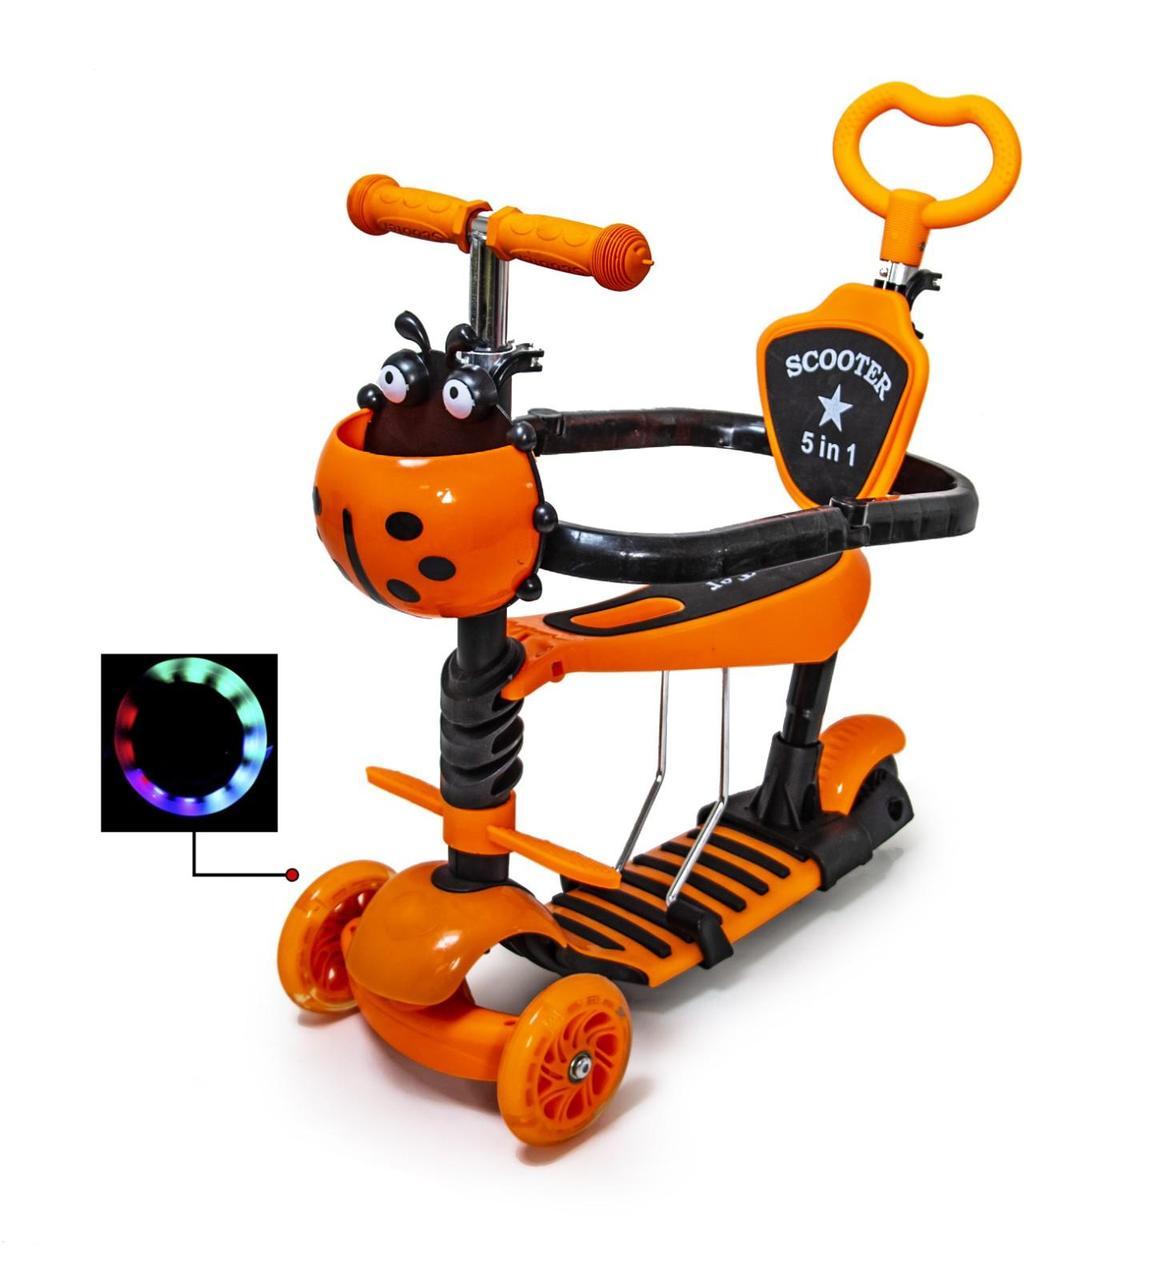 Детский самокат Scooter 5 в 1 Оранжевая Коровка с родительской ручкой и бампером (от 1 года)